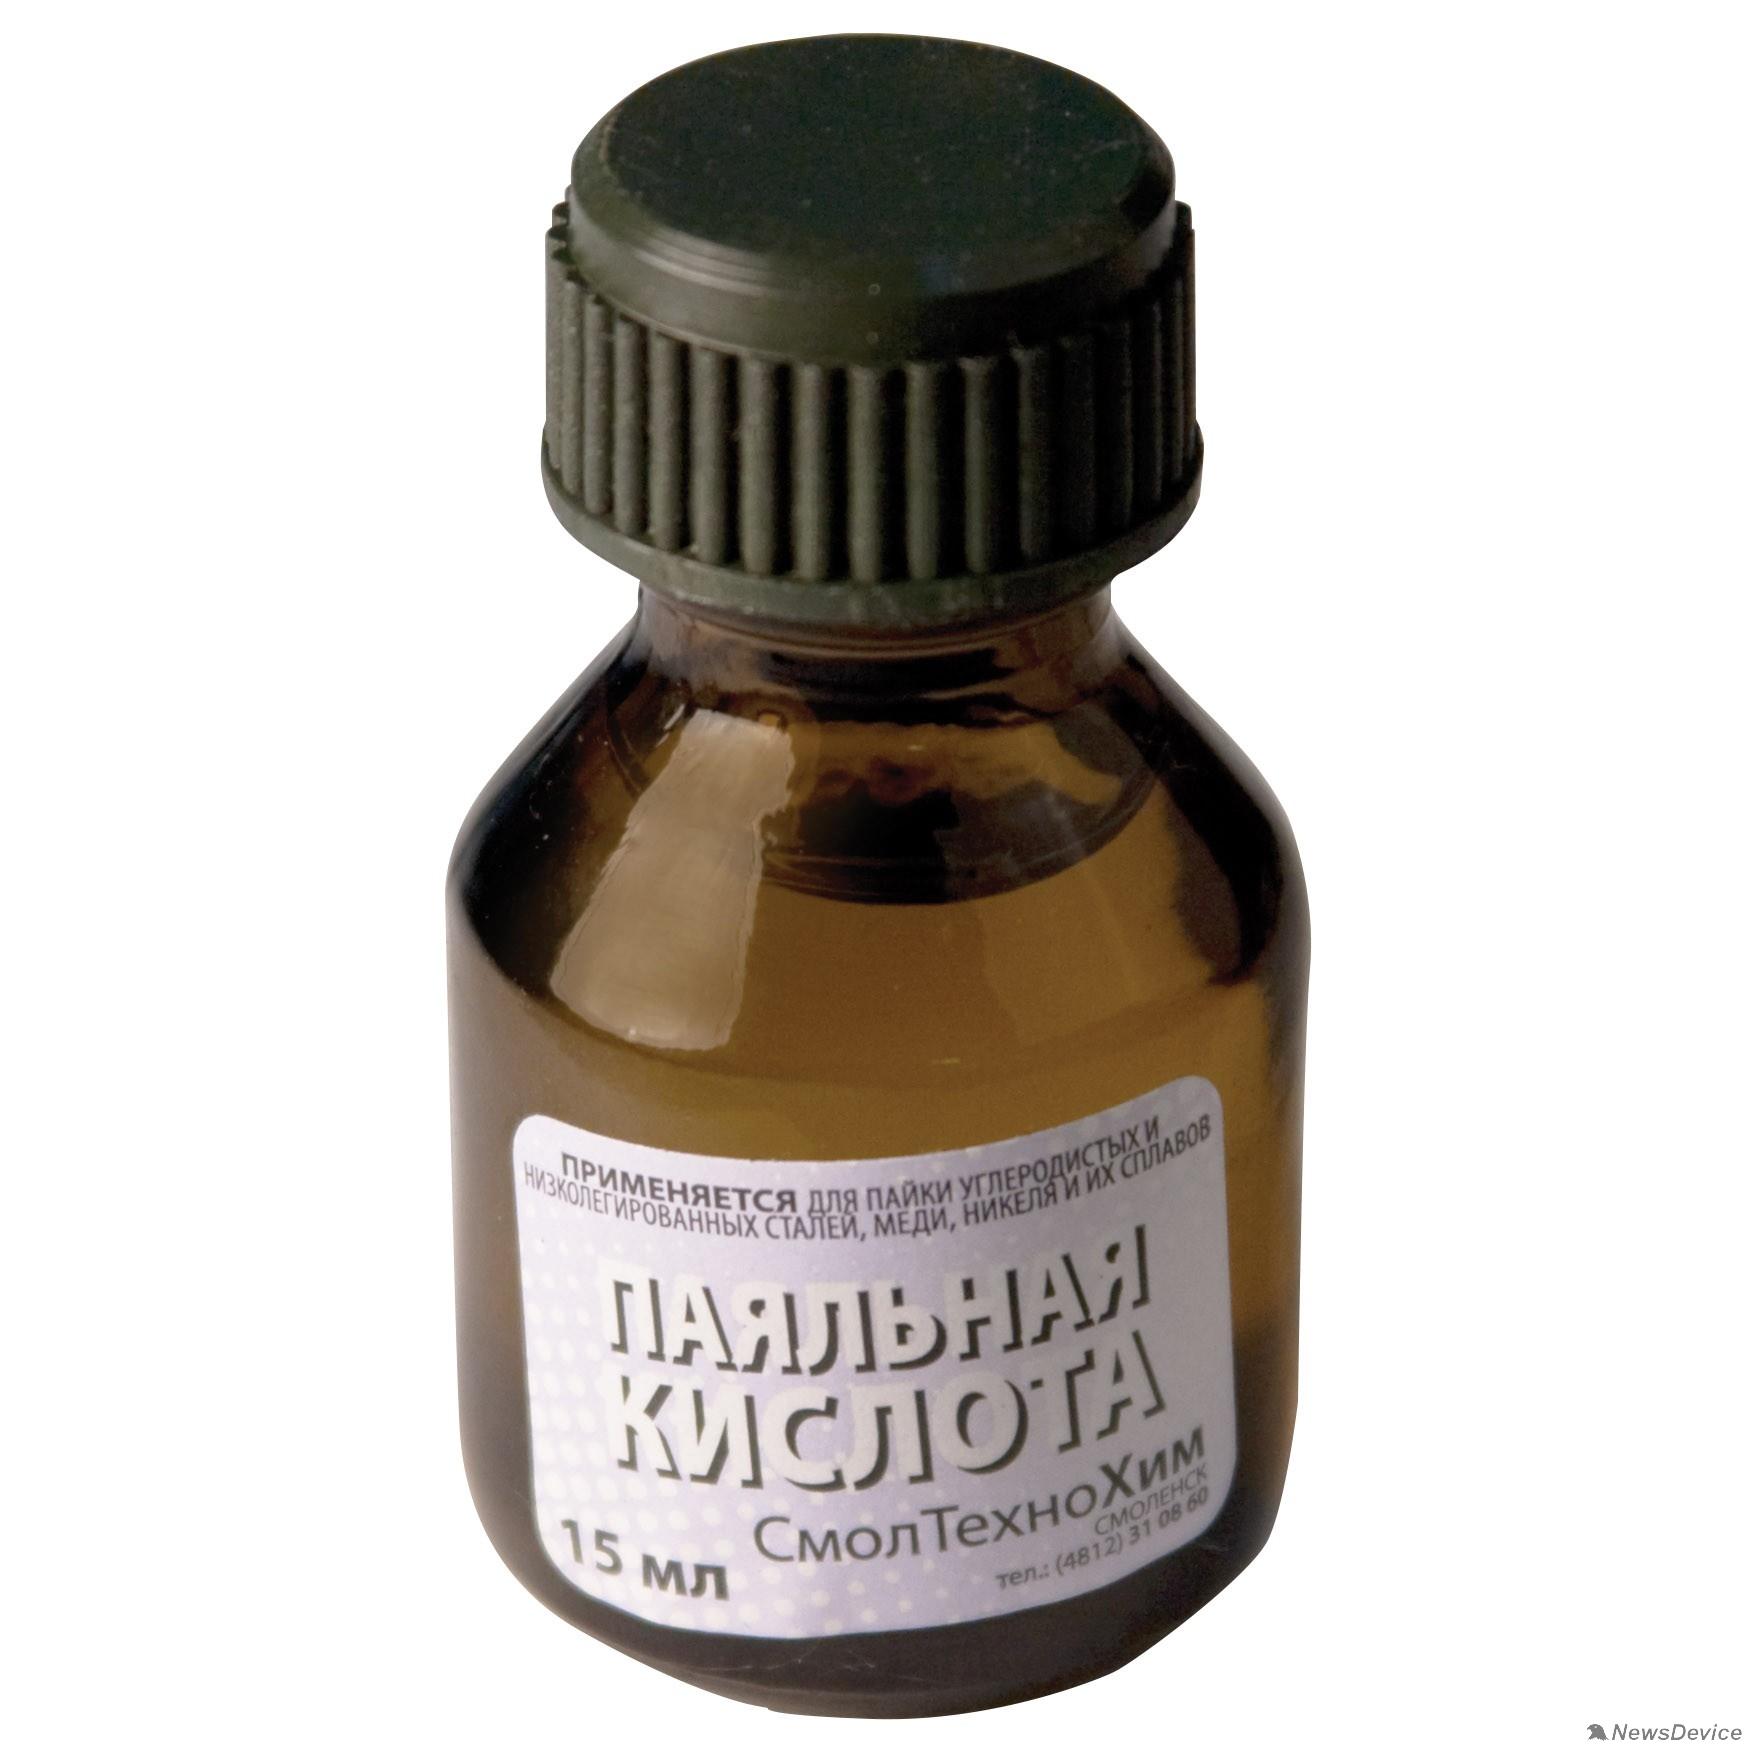 Припои РОС Паяльная кислота ( высокоактивный флюс на основе хлористых солей цинка ) 15 мл 60567